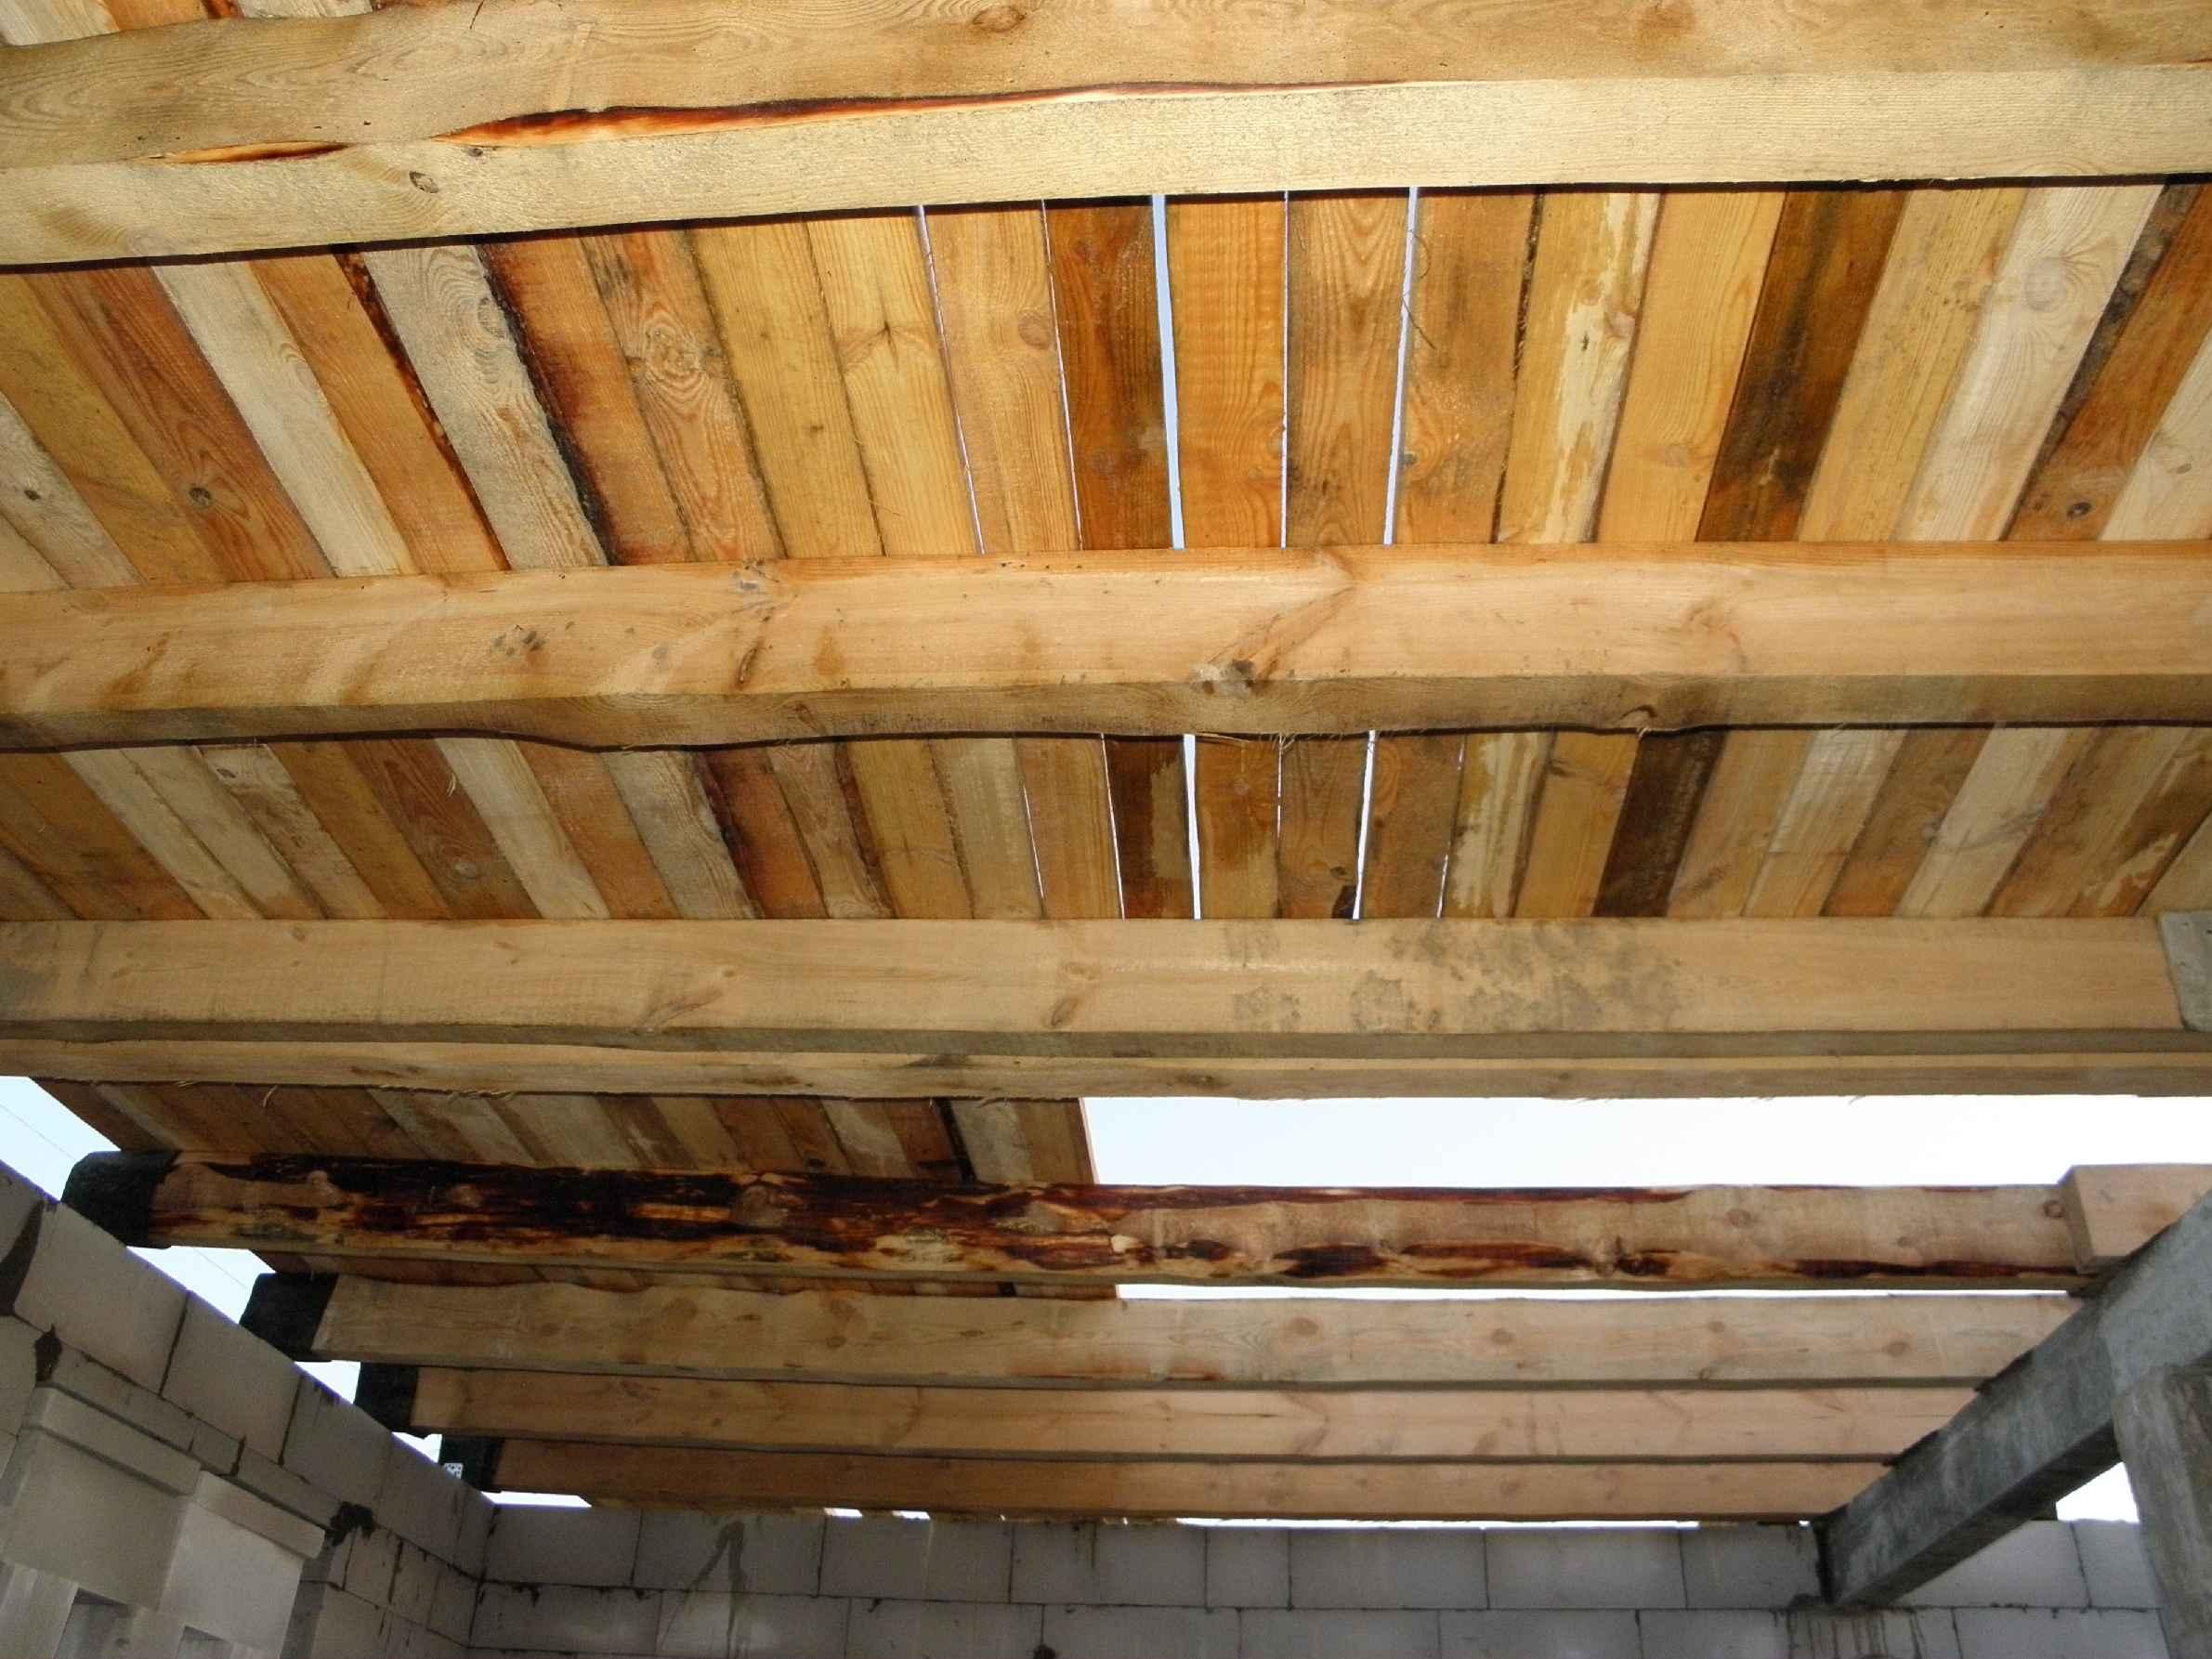 Звукоизоляция деревянного перекрытия между этажами своими руками фото 598